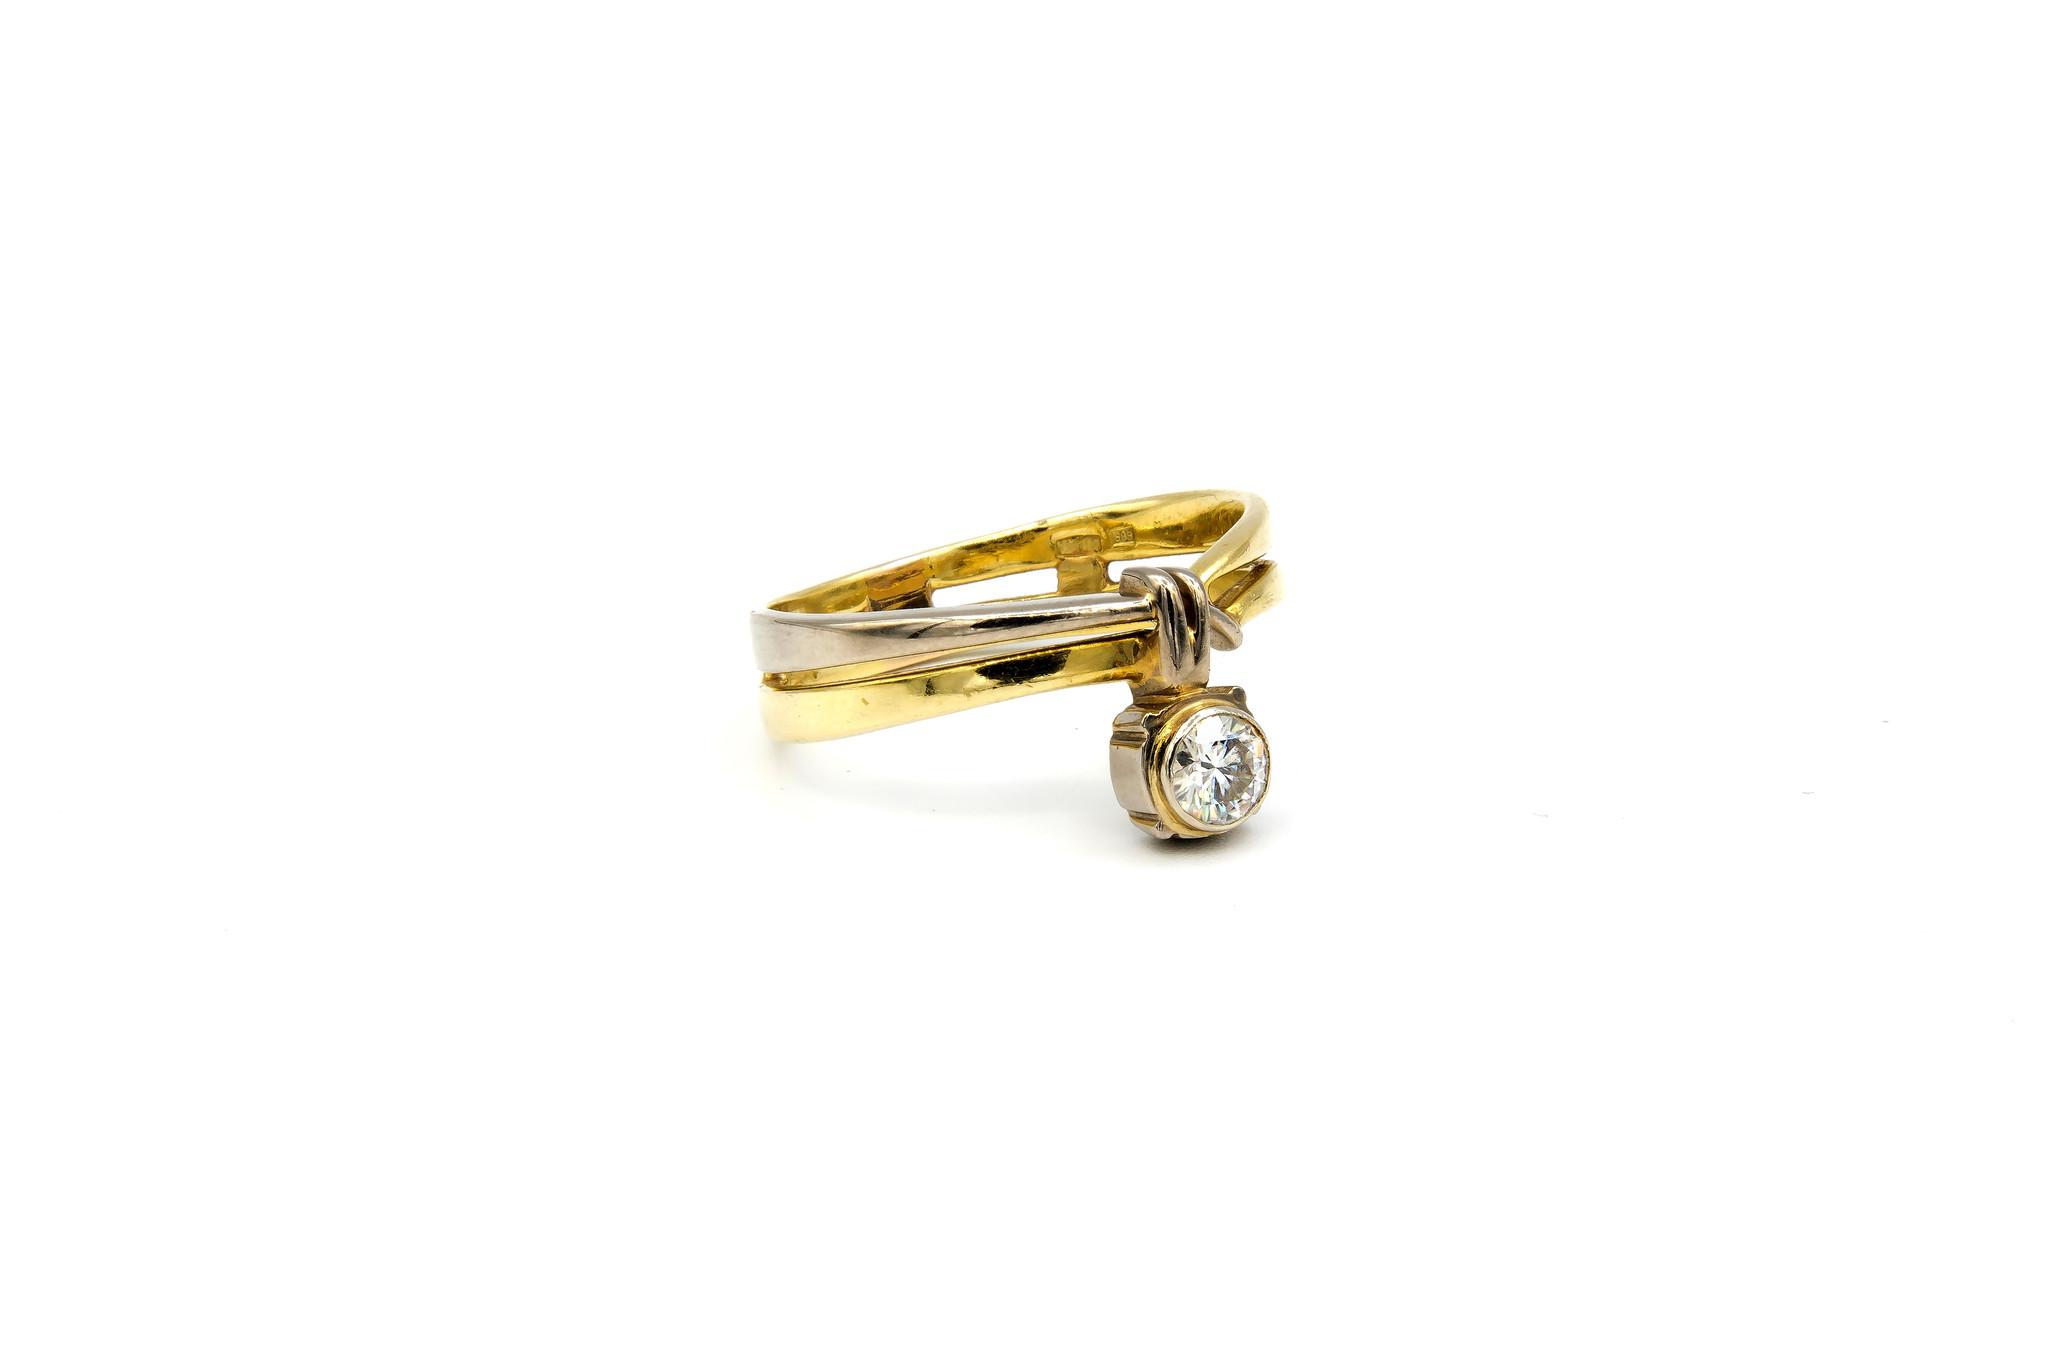 Ring verlovingsring bicolor dubbele rand met zirkonia aan de zijkant bicolor-3